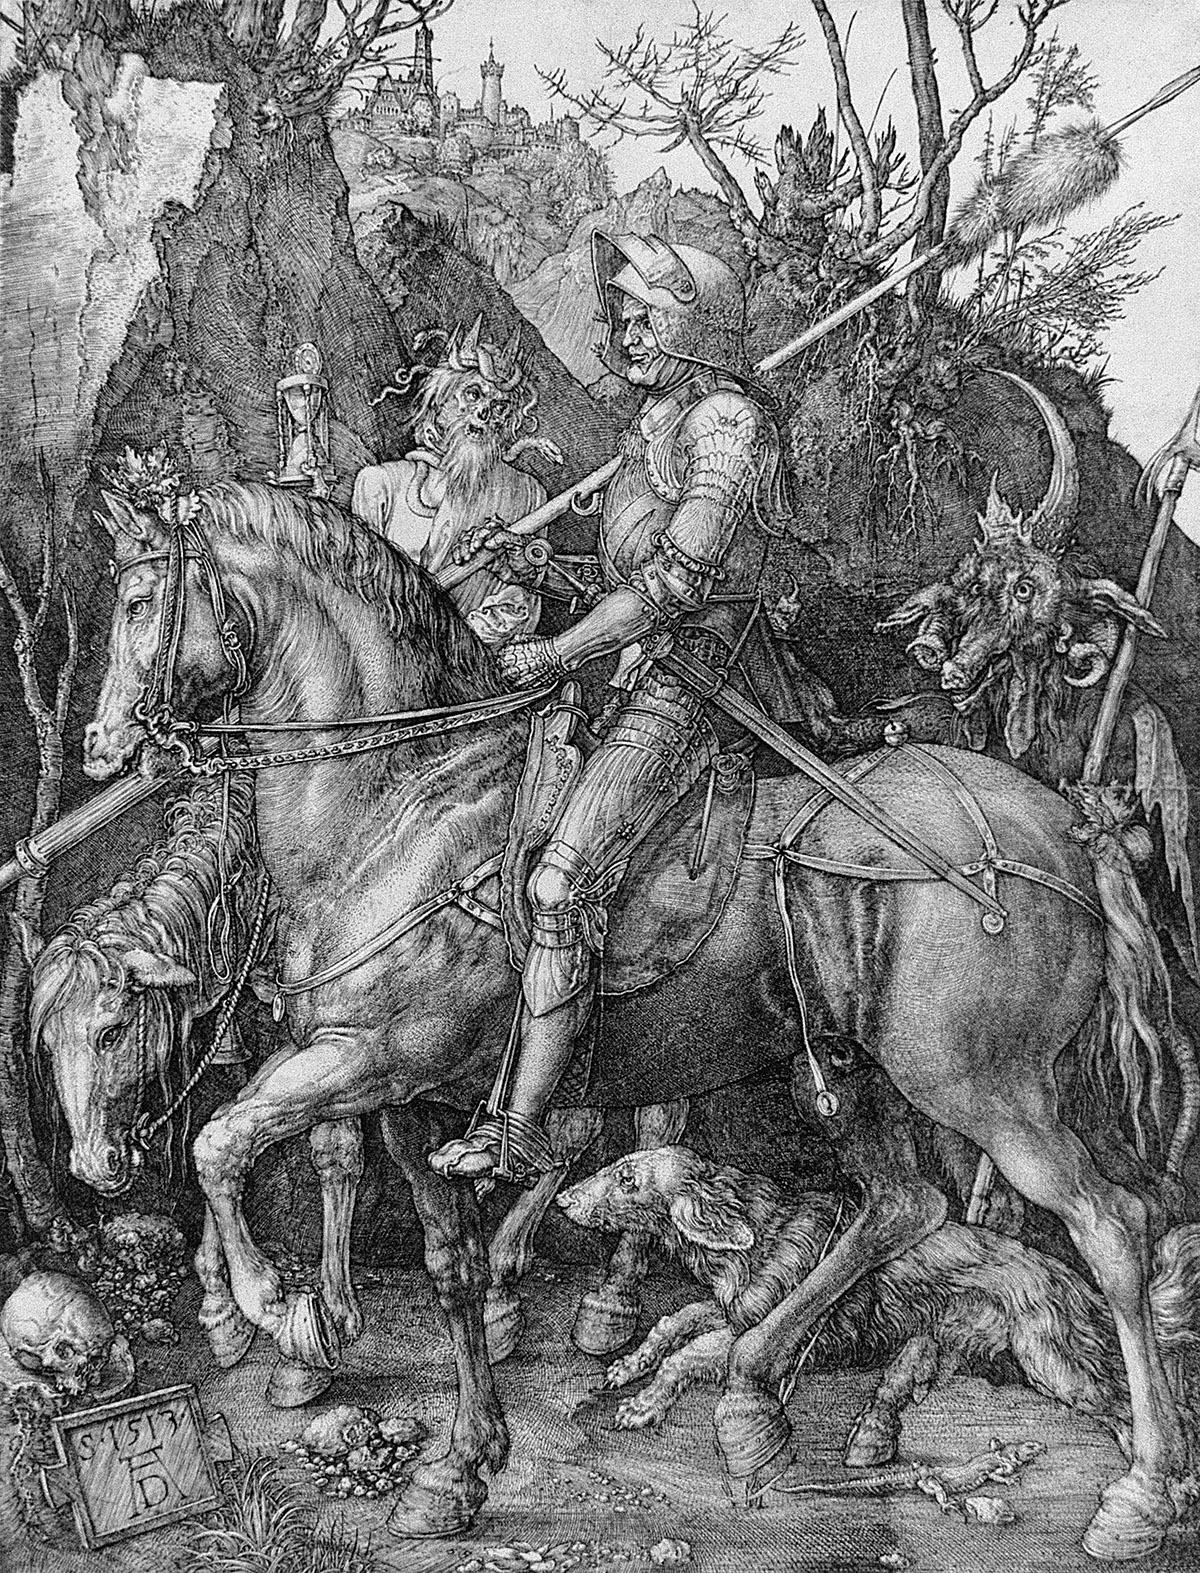 Image Credit: The Knight, Death and the Devil, 1513 (engraving), Dürer or Duerer, Albrecht (1471-1528) / Cabinet des Estampes et des Dessins, Strasbourg, France / Bridgeman Images